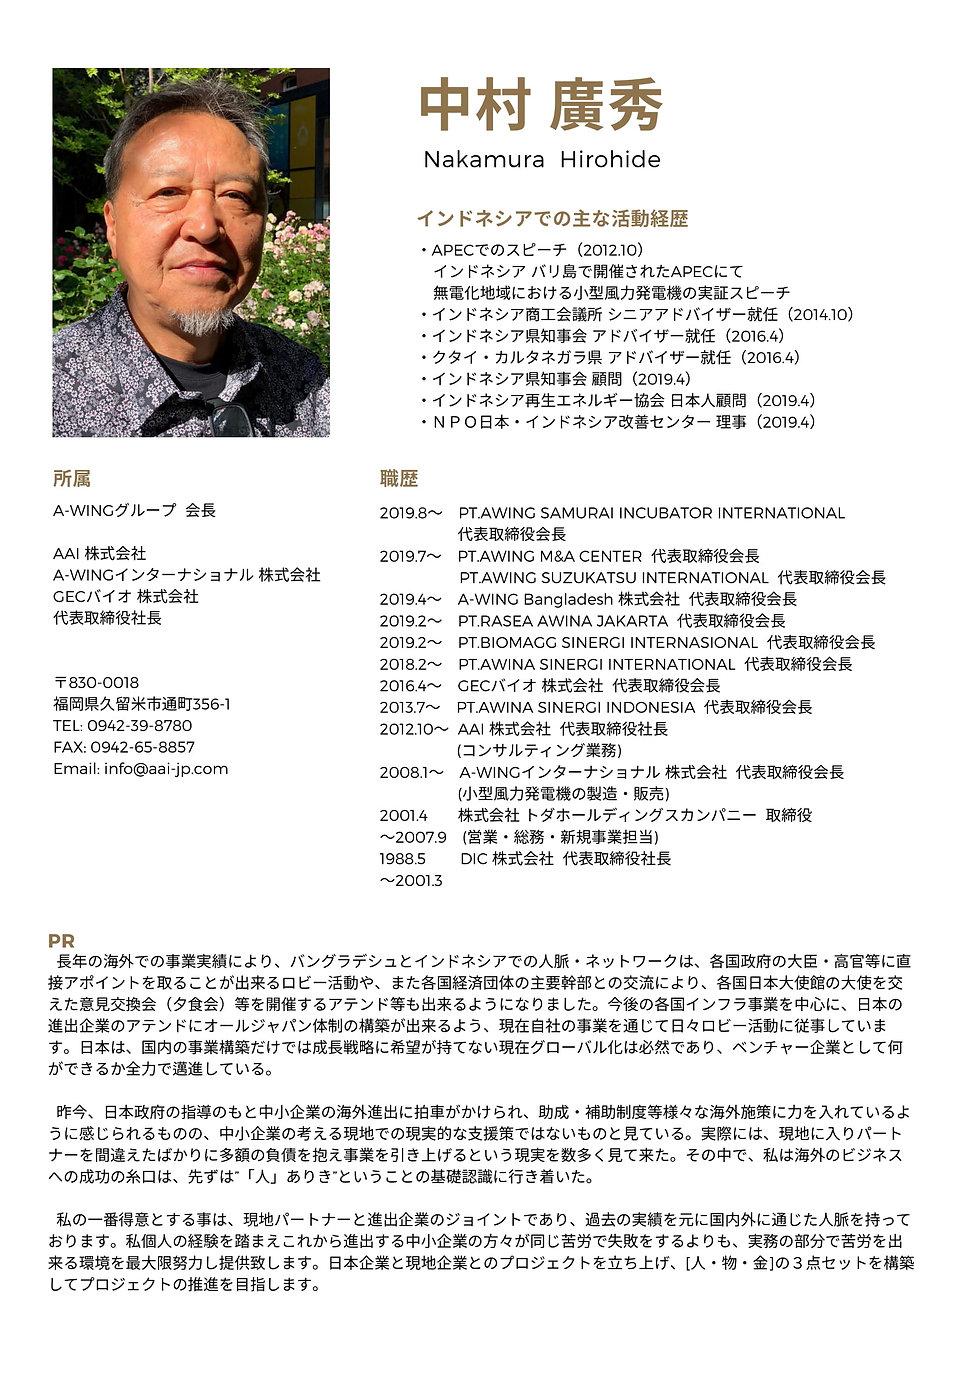 プロフィール 中村 廣秀_20200916.jpg